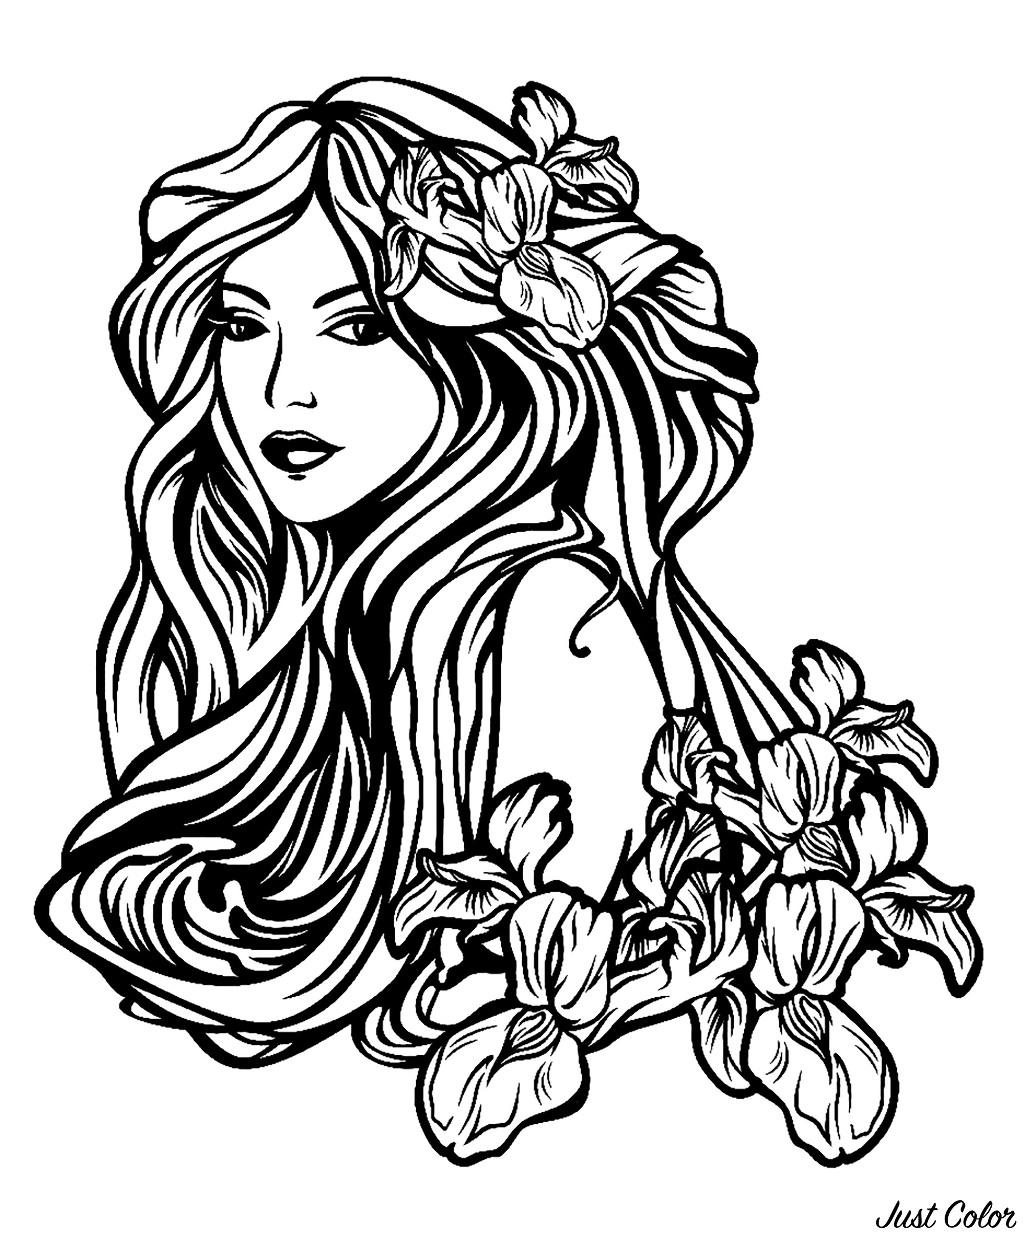 Femme aux longs cheveux, avec fleurs. Un dessin au style tatouage